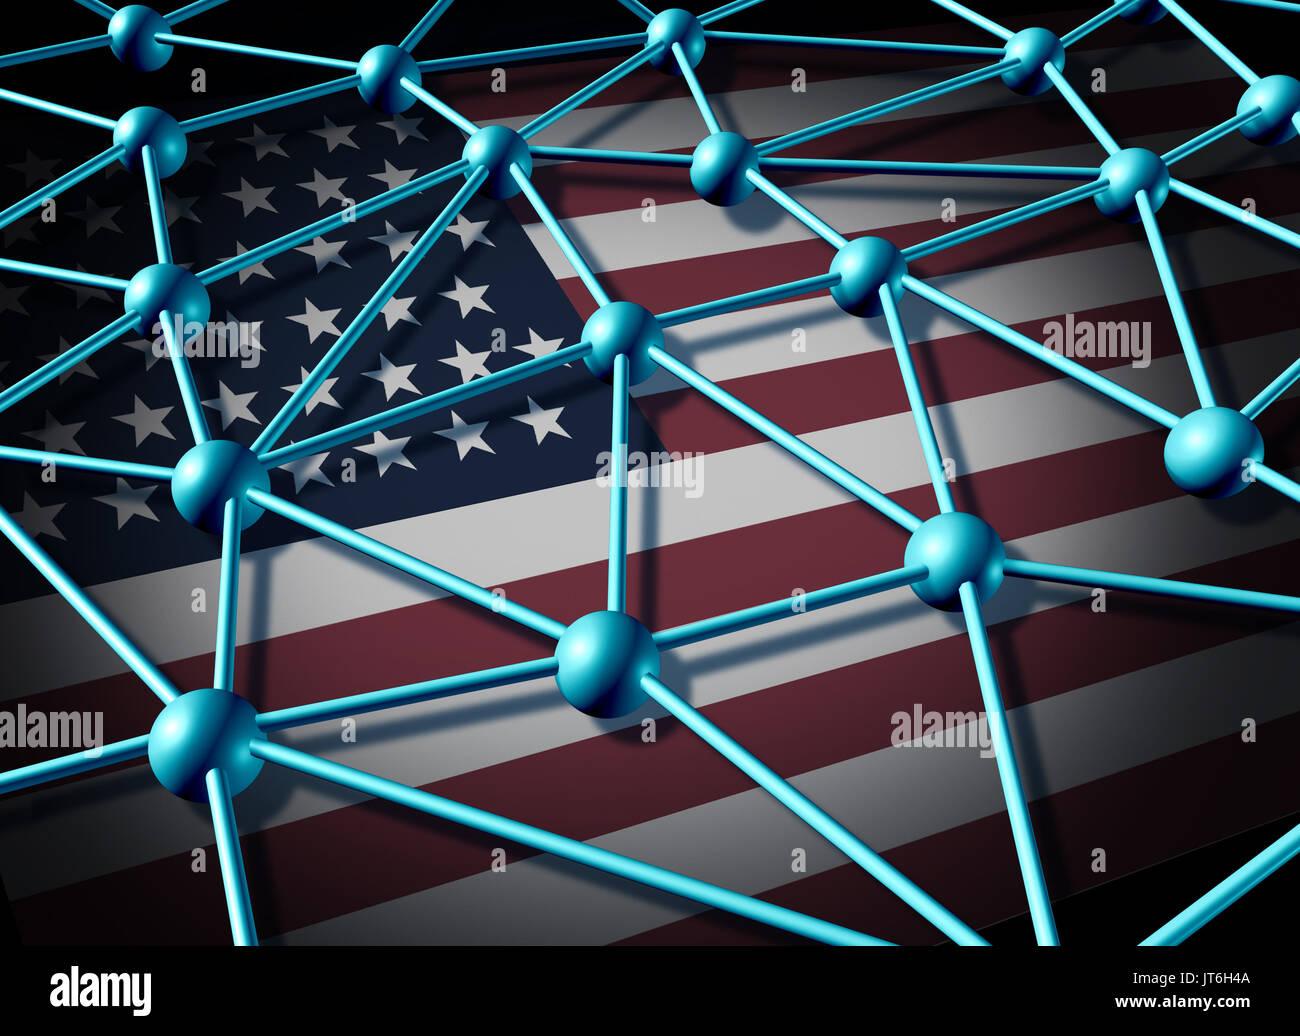 Réseau de données américaines et United States communicaions et technologie de sécurité internet réseaux sociaux web hacking ou comme un 3D illustration. Photo Stock